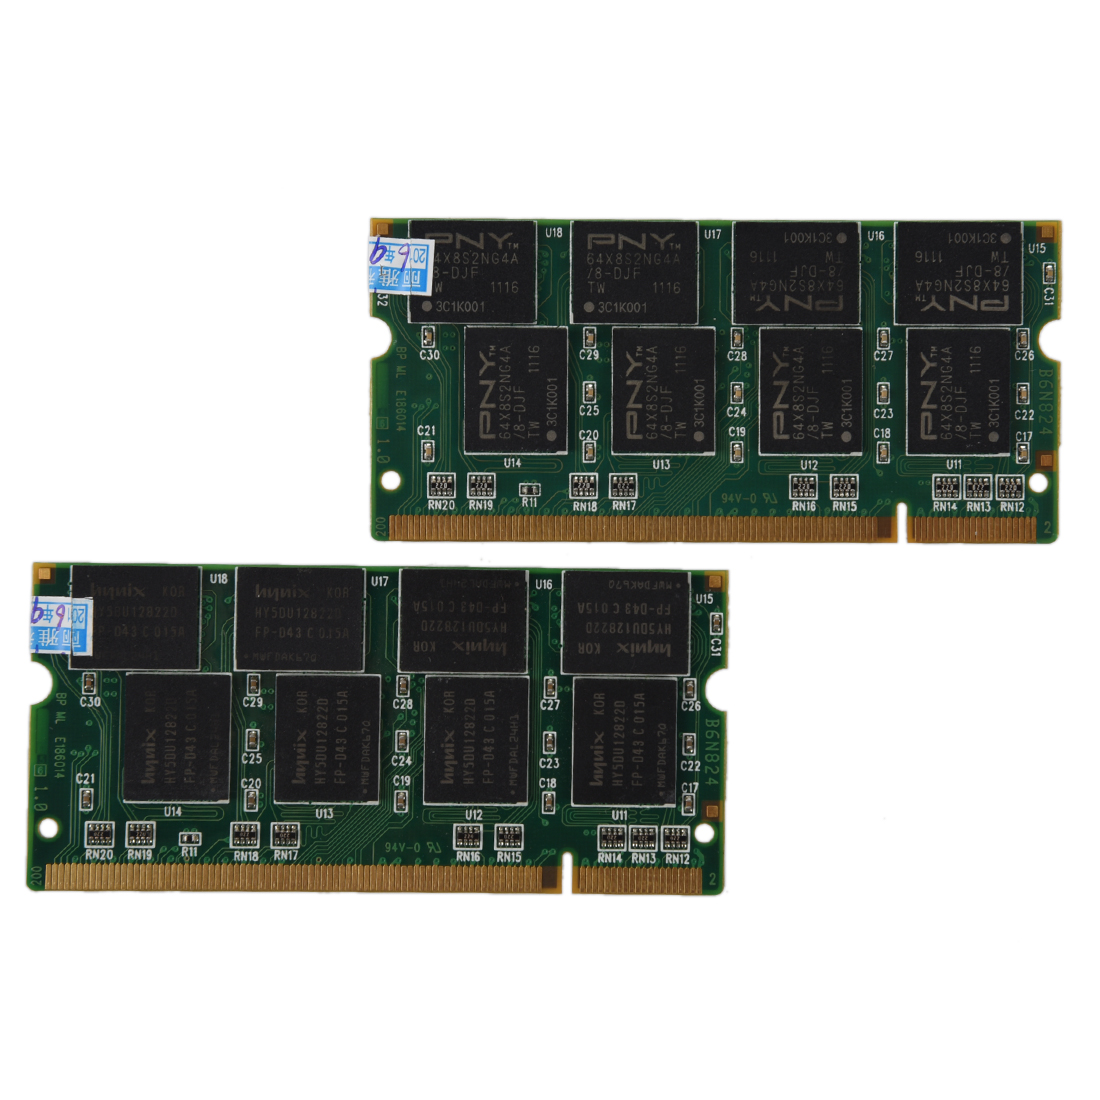 2GB 2X1GB PC2700 DDR-333 non-ecc 200 broches CL2.5 ordinateur portable (SODIMM) mémoire (RAM) nouveau